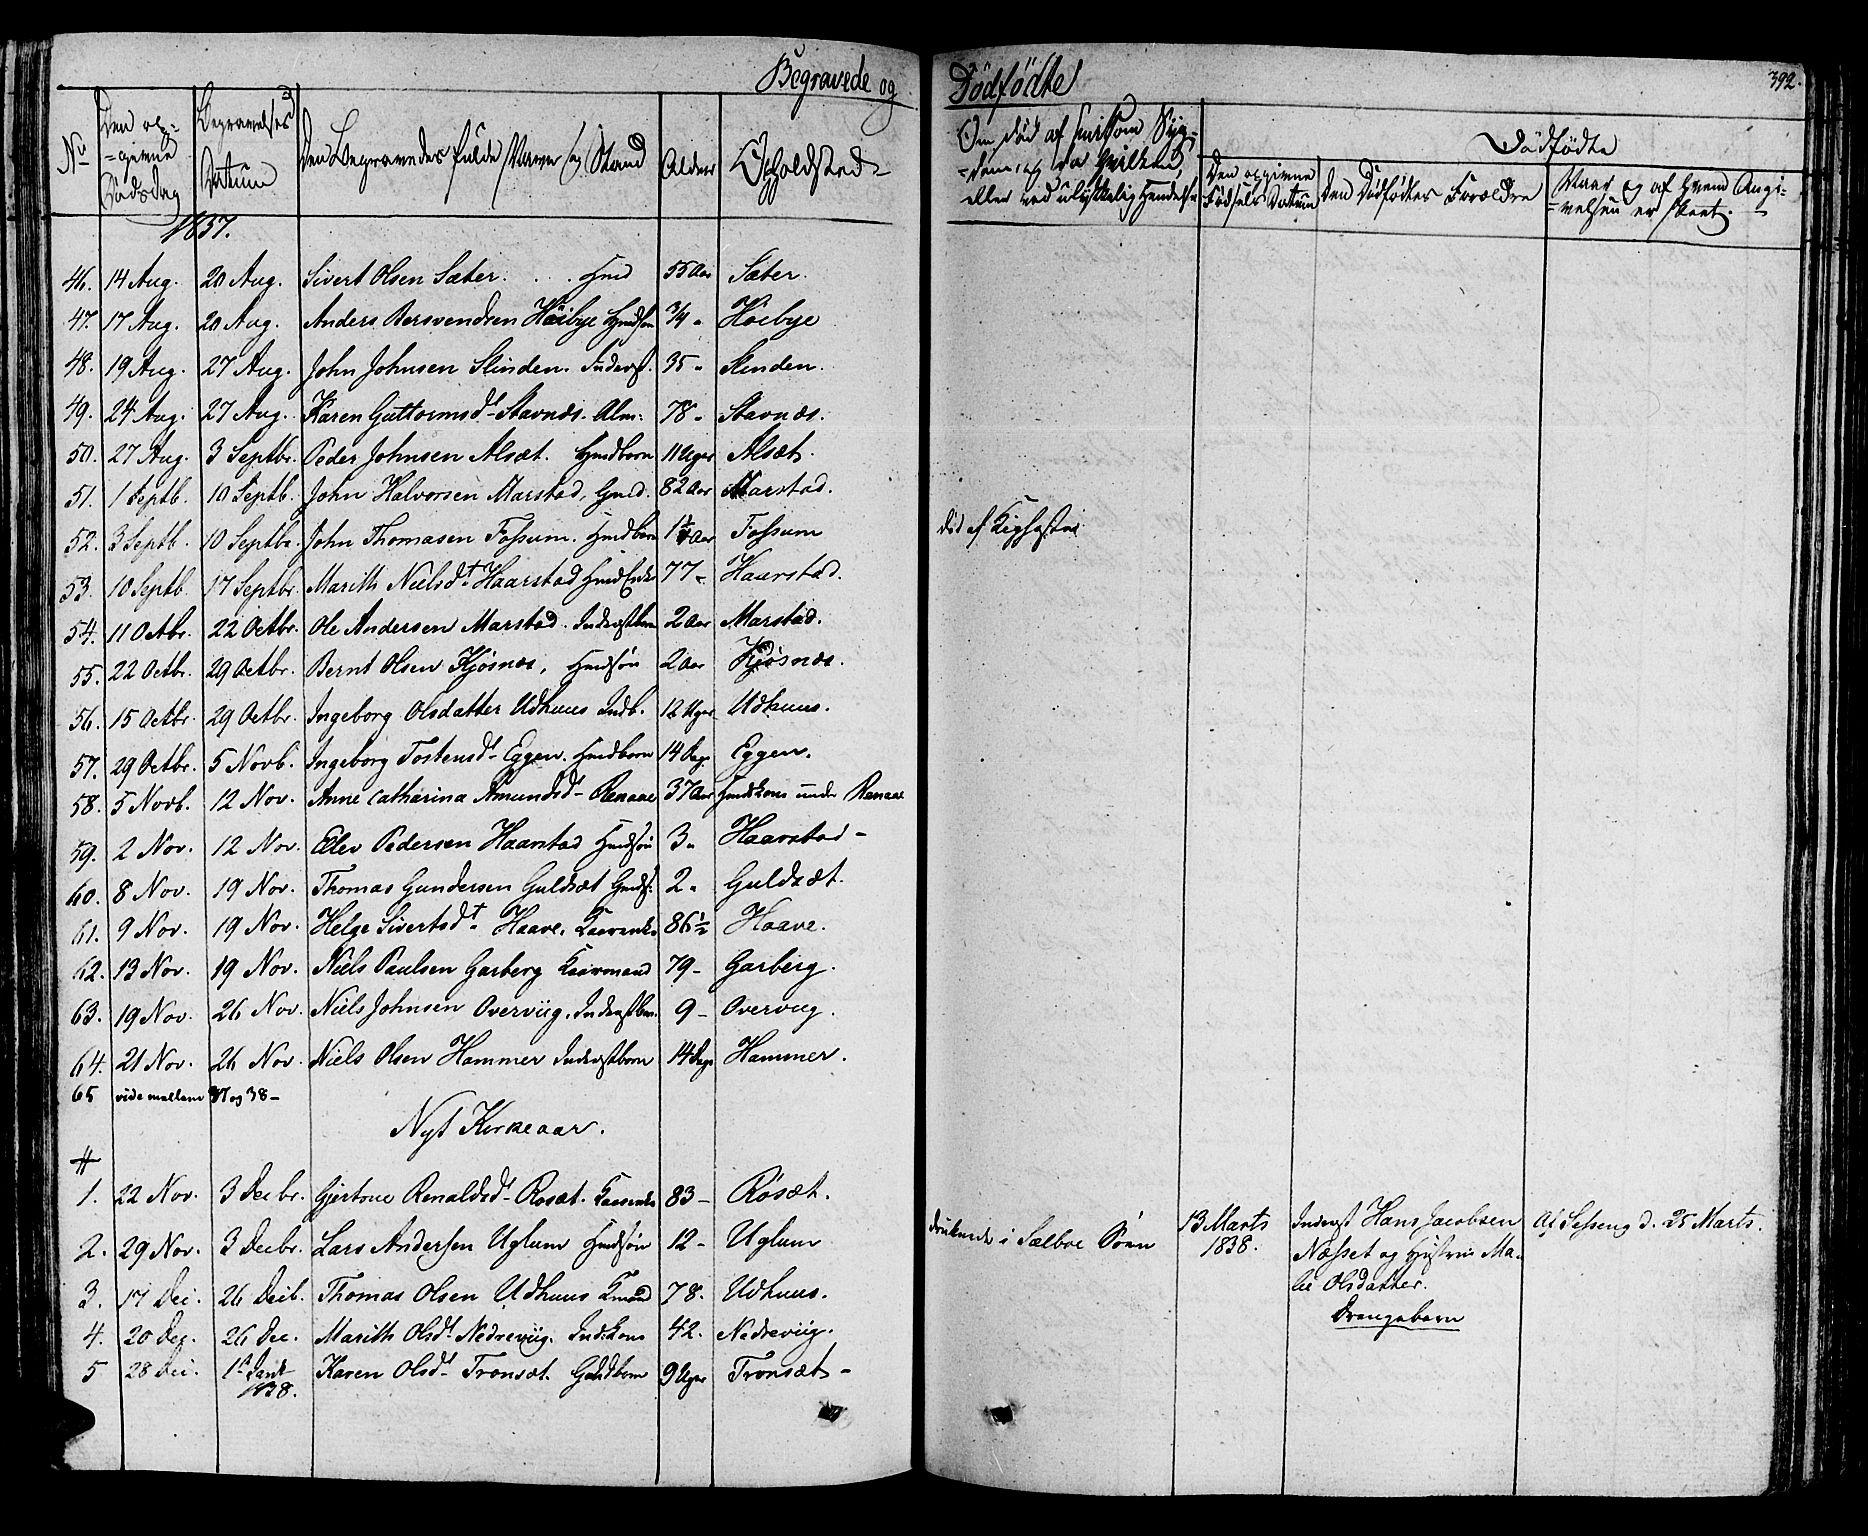 SAT, Ministerialprotokoller, klokkerbøker og fødselsregistre - Sør-Trøndelag, 695/L1143: Ministerialbok nr. 695A05 /1, 1824-1842, s. 392